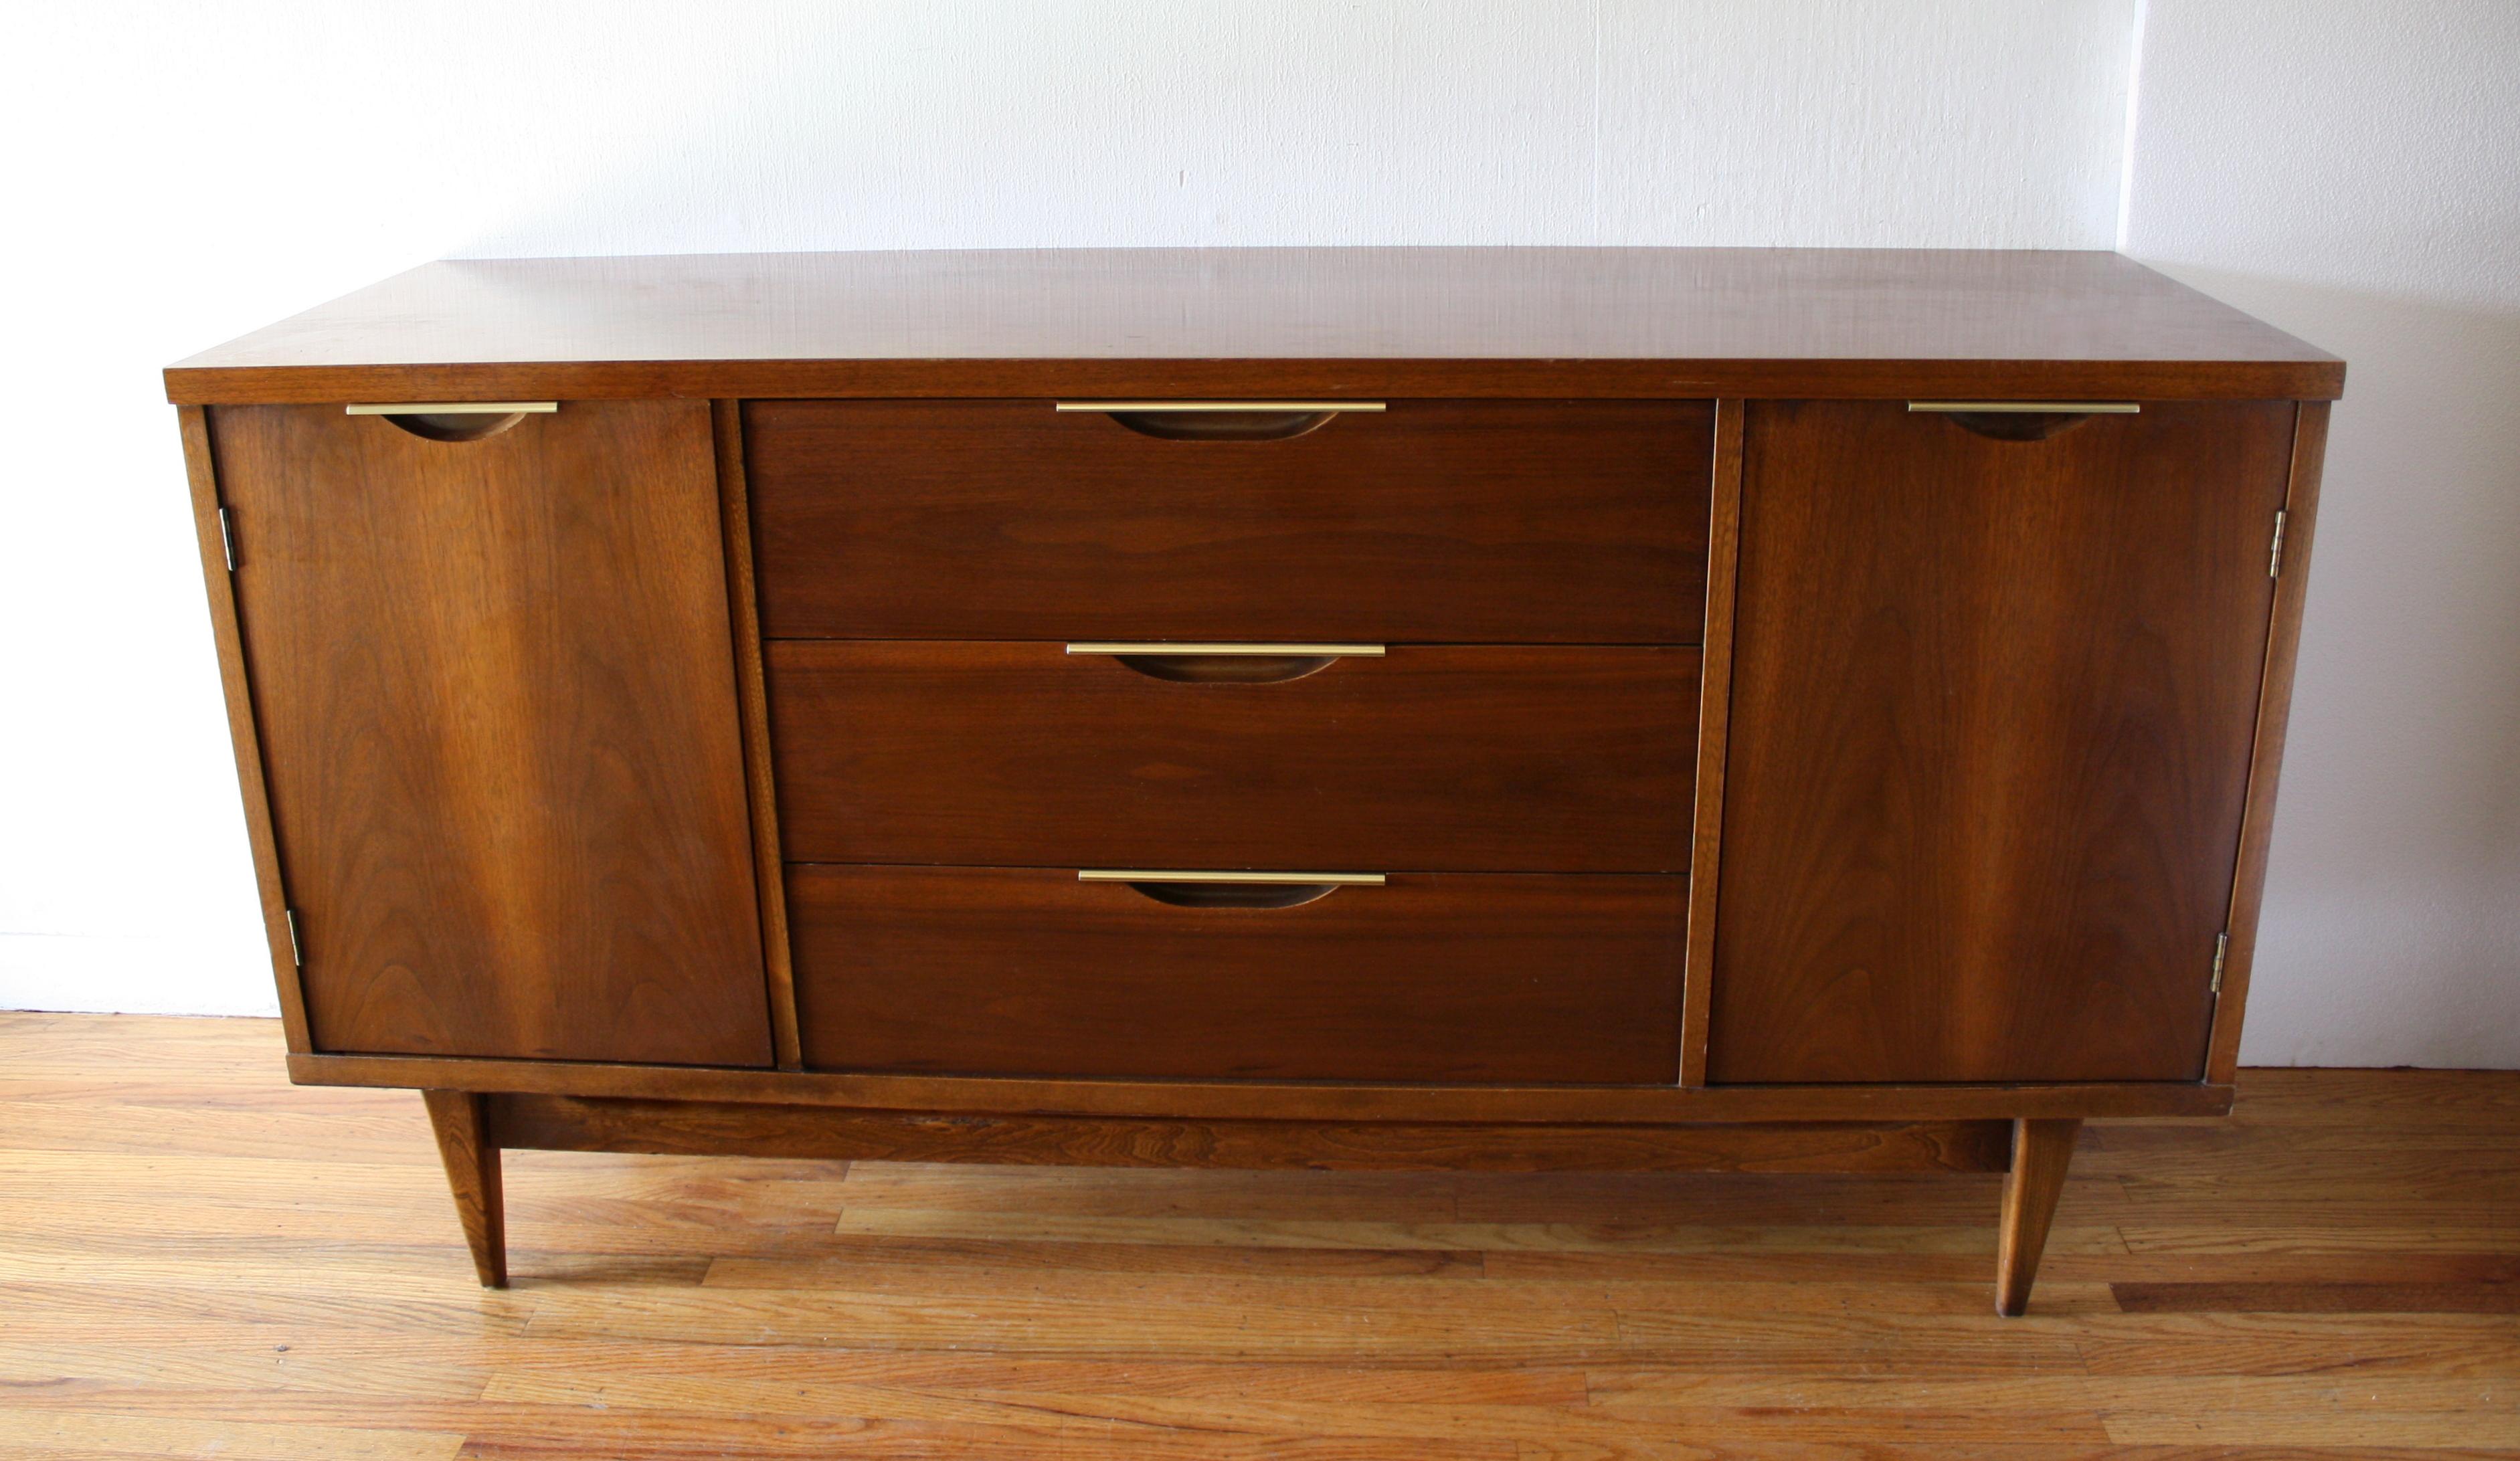 Credenza Vintage Ikea : Ikea sideboard in teak erik wortz s design market